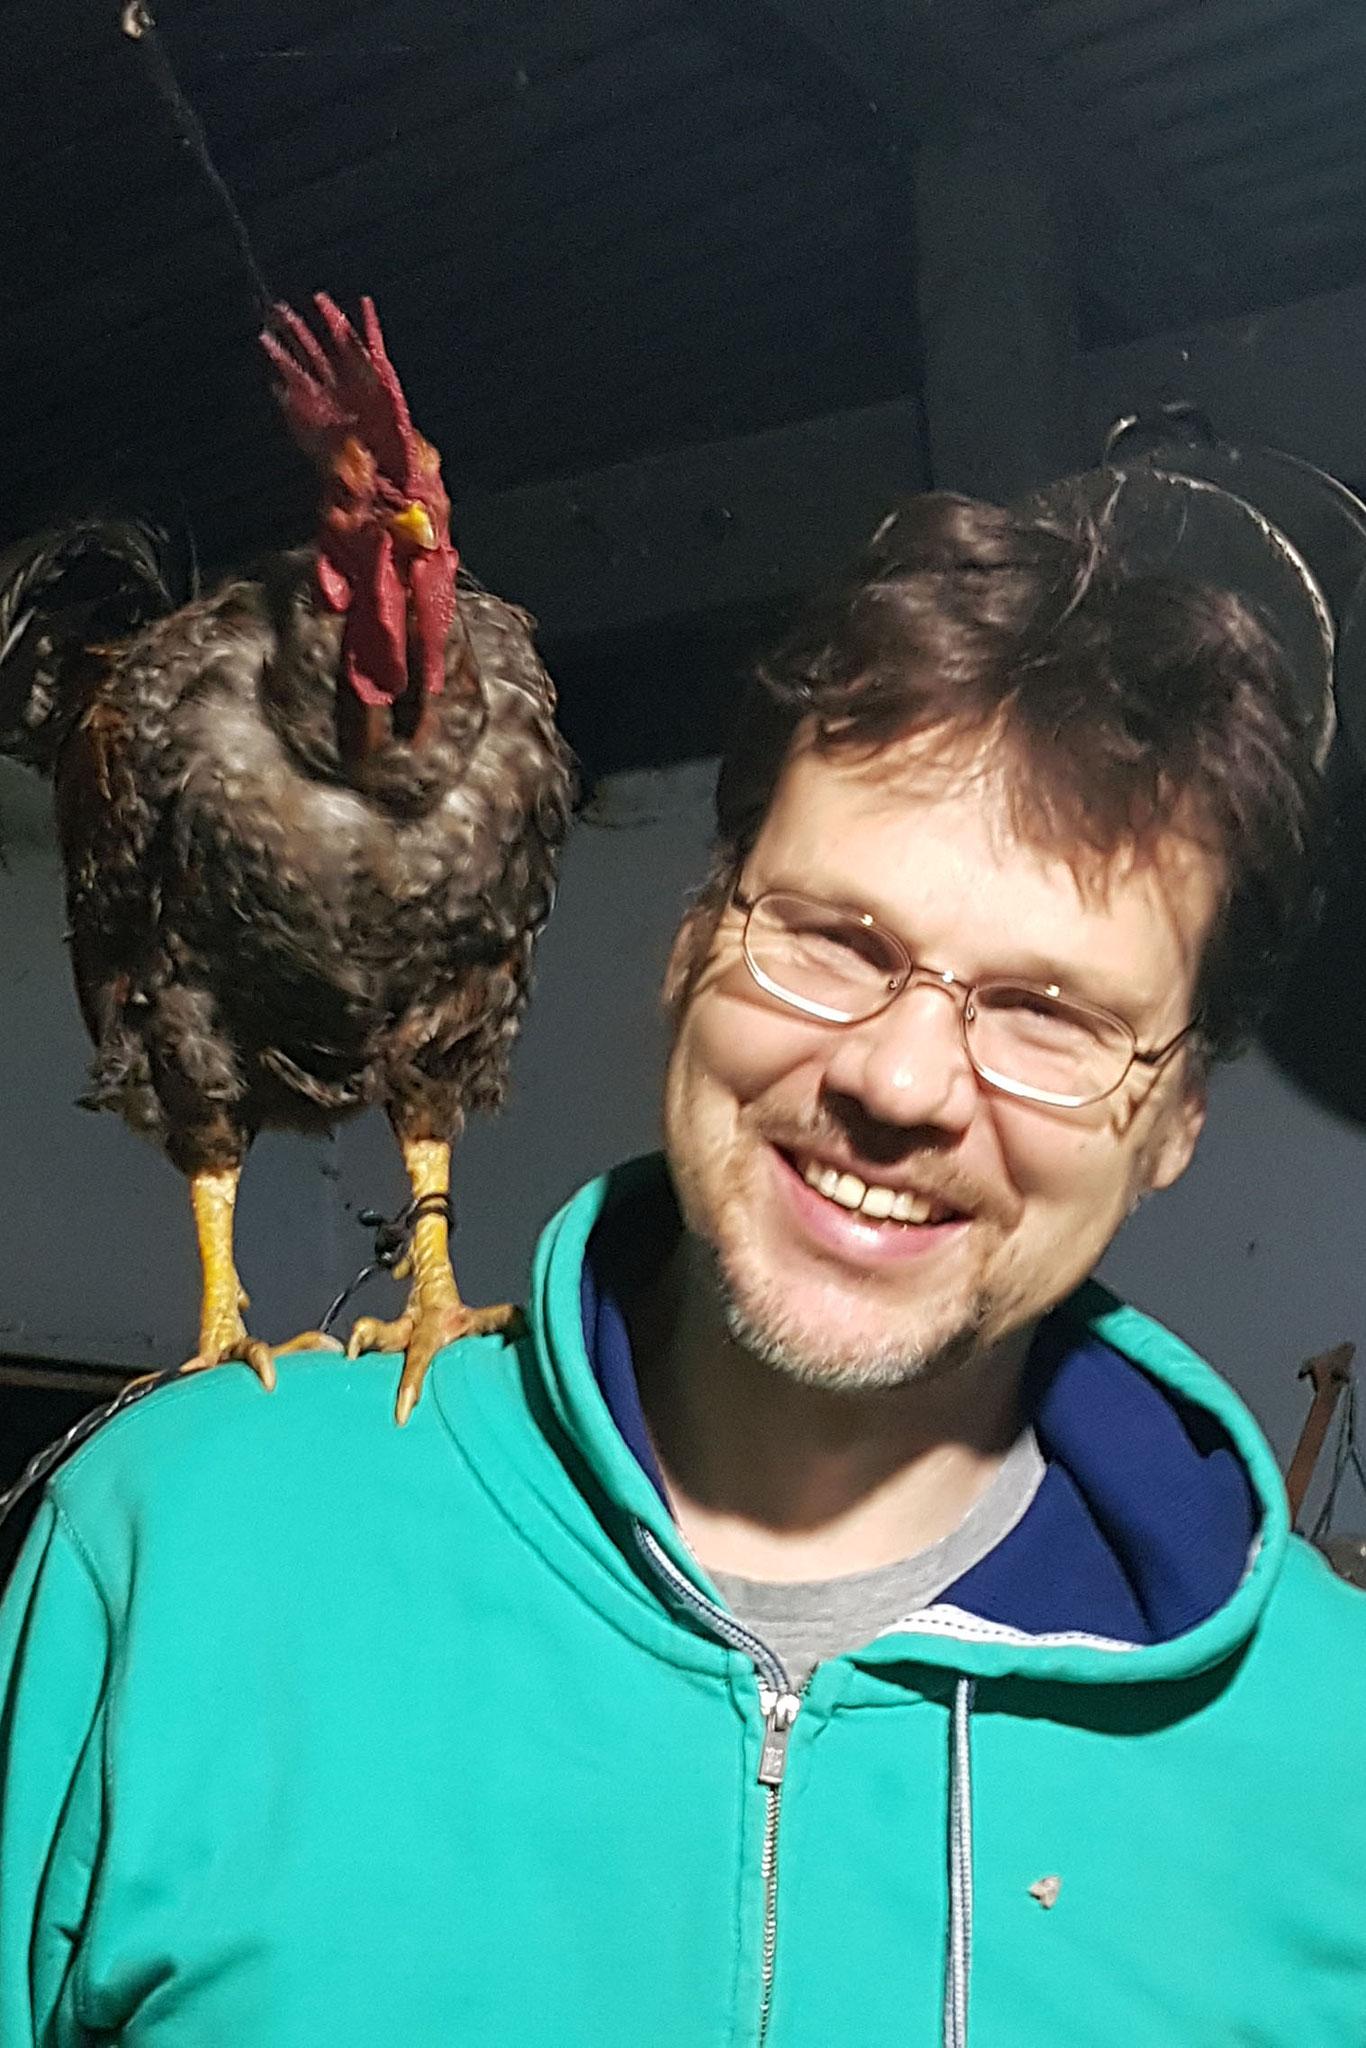 Gerrit und der Hahn